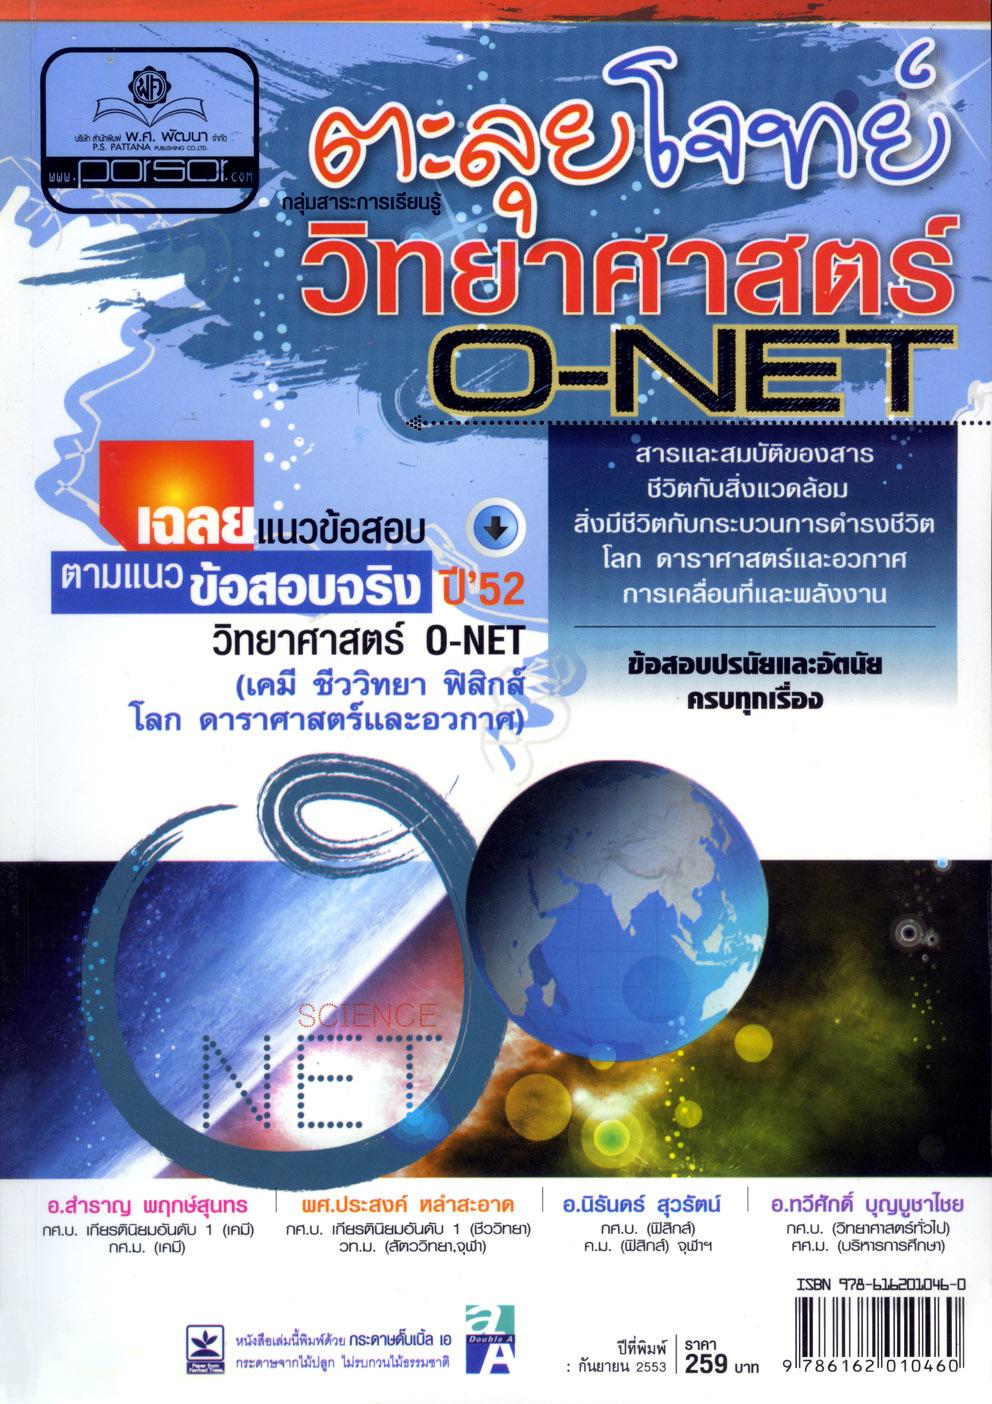 ตะลุยโจทย์ วิทยาศาสตร์ O-NET